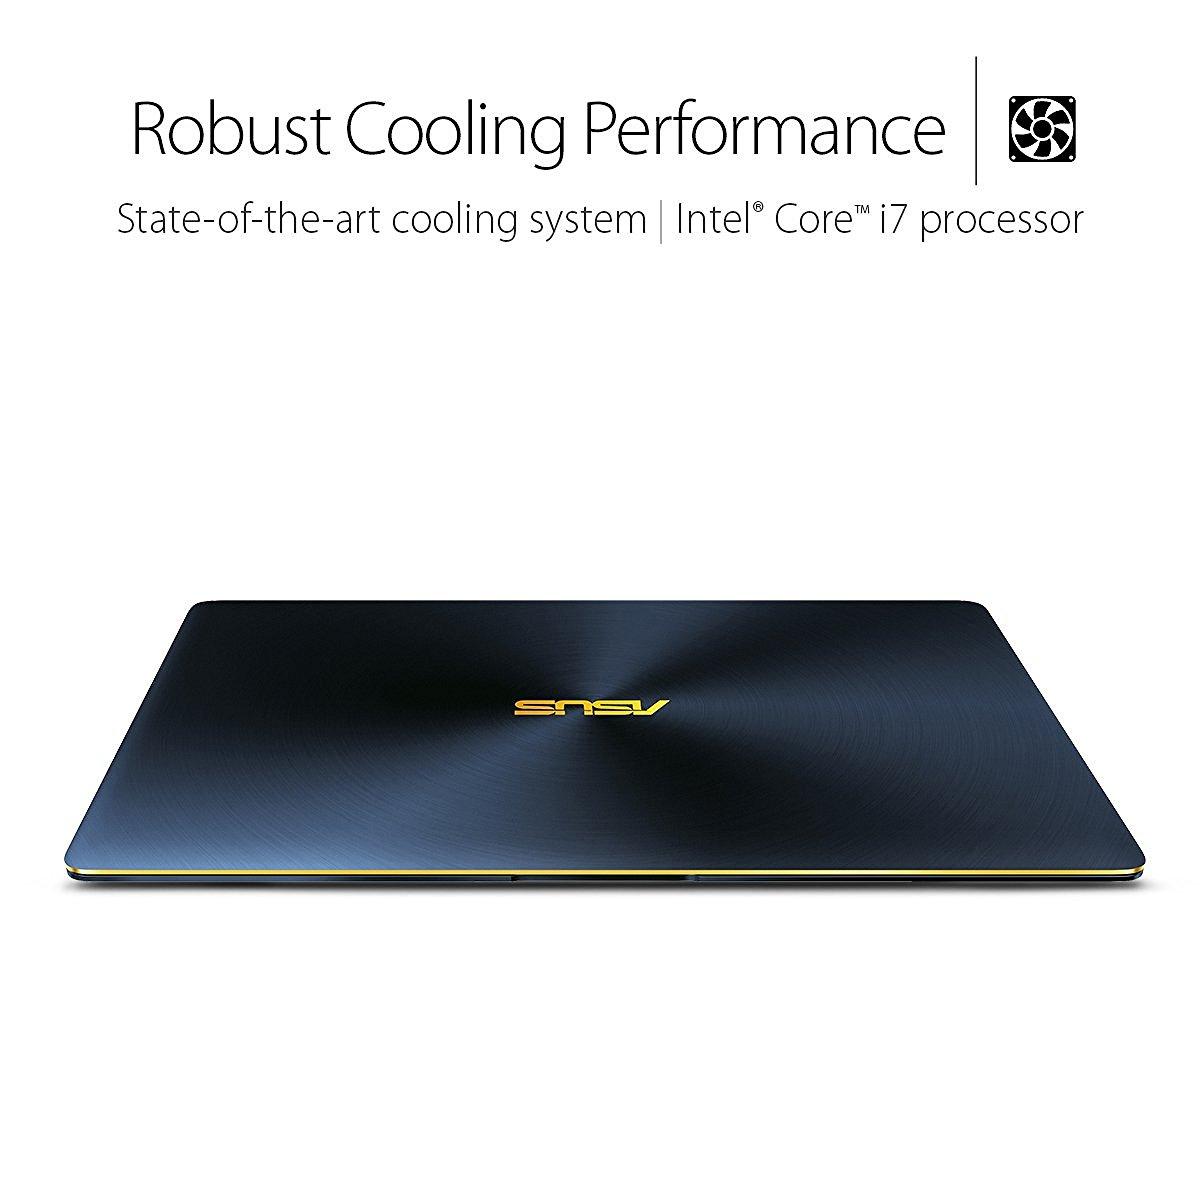 Image Result For Asus Gaming Laptop Logoa